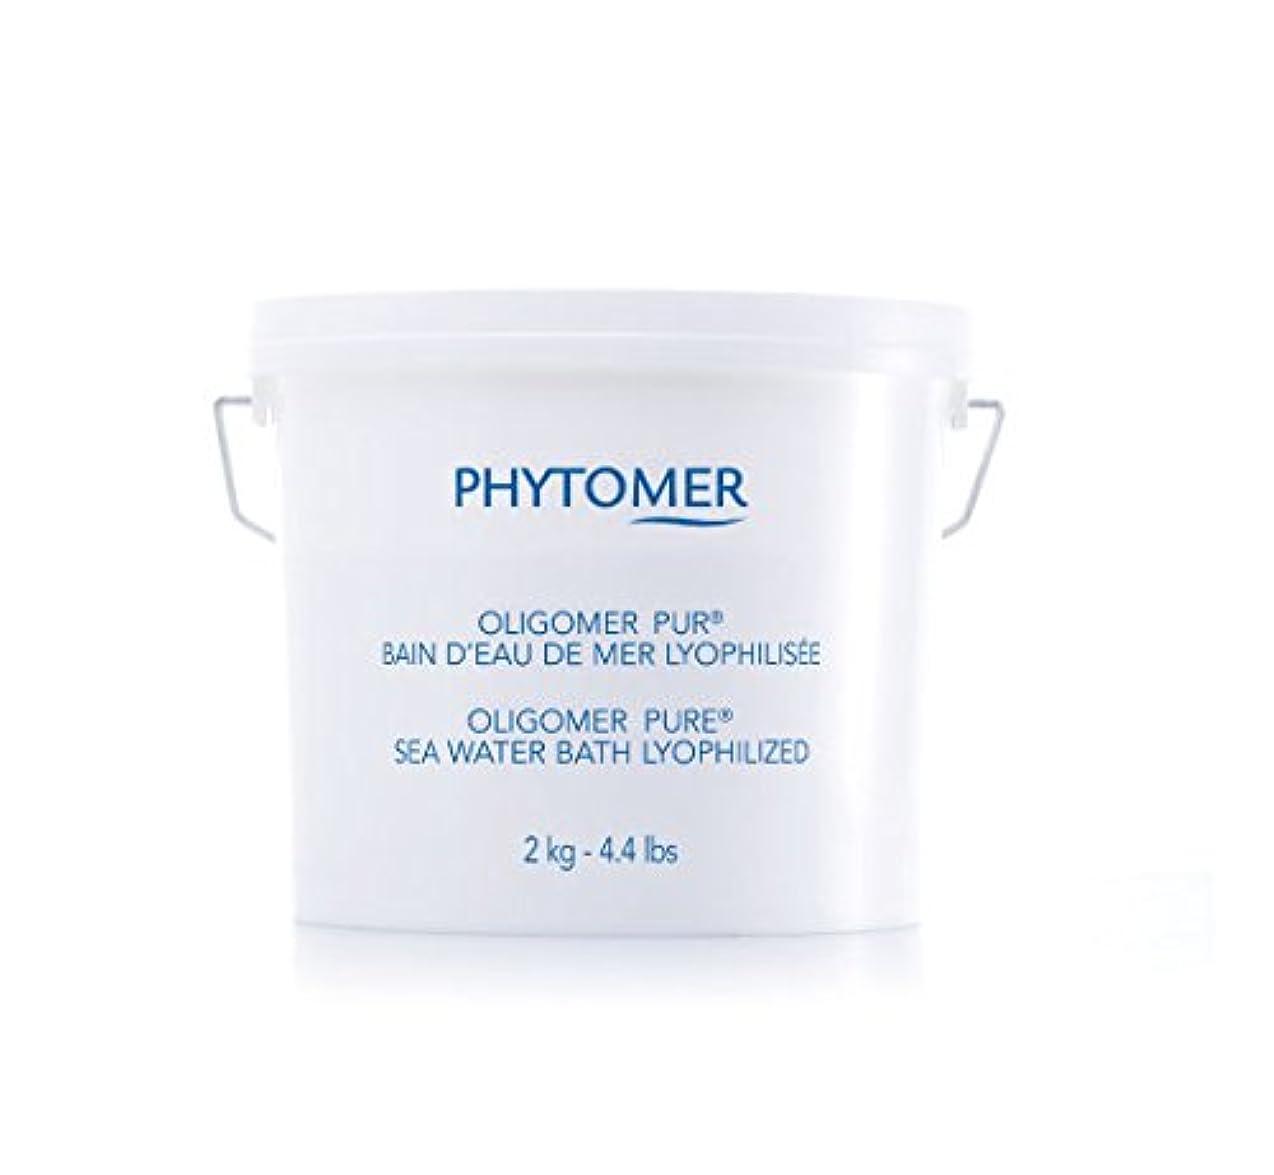 アピール価格カナダPHYTOMER(フィトメール) オリゴメール ピュア 2kg